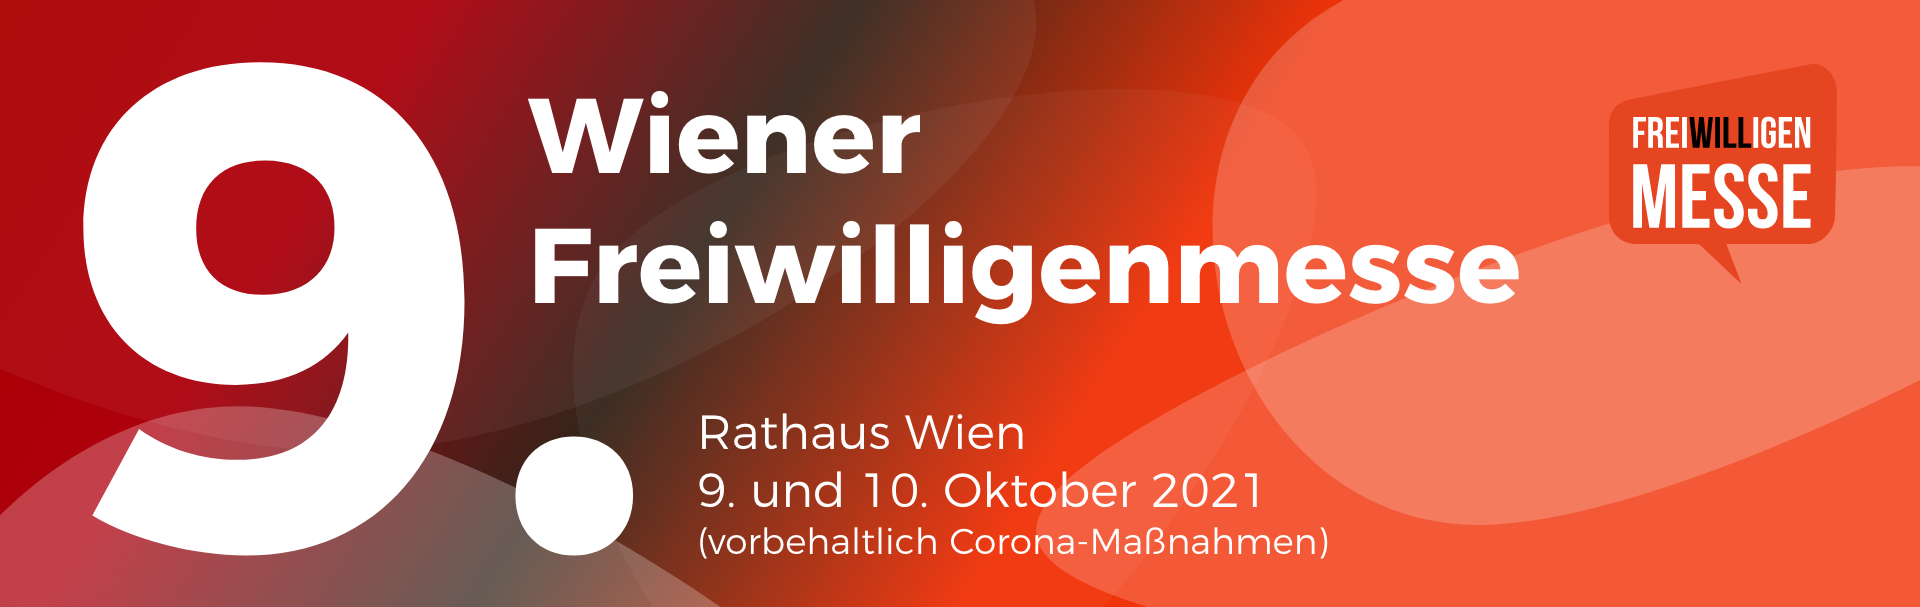 fm-wien-web-1920x607